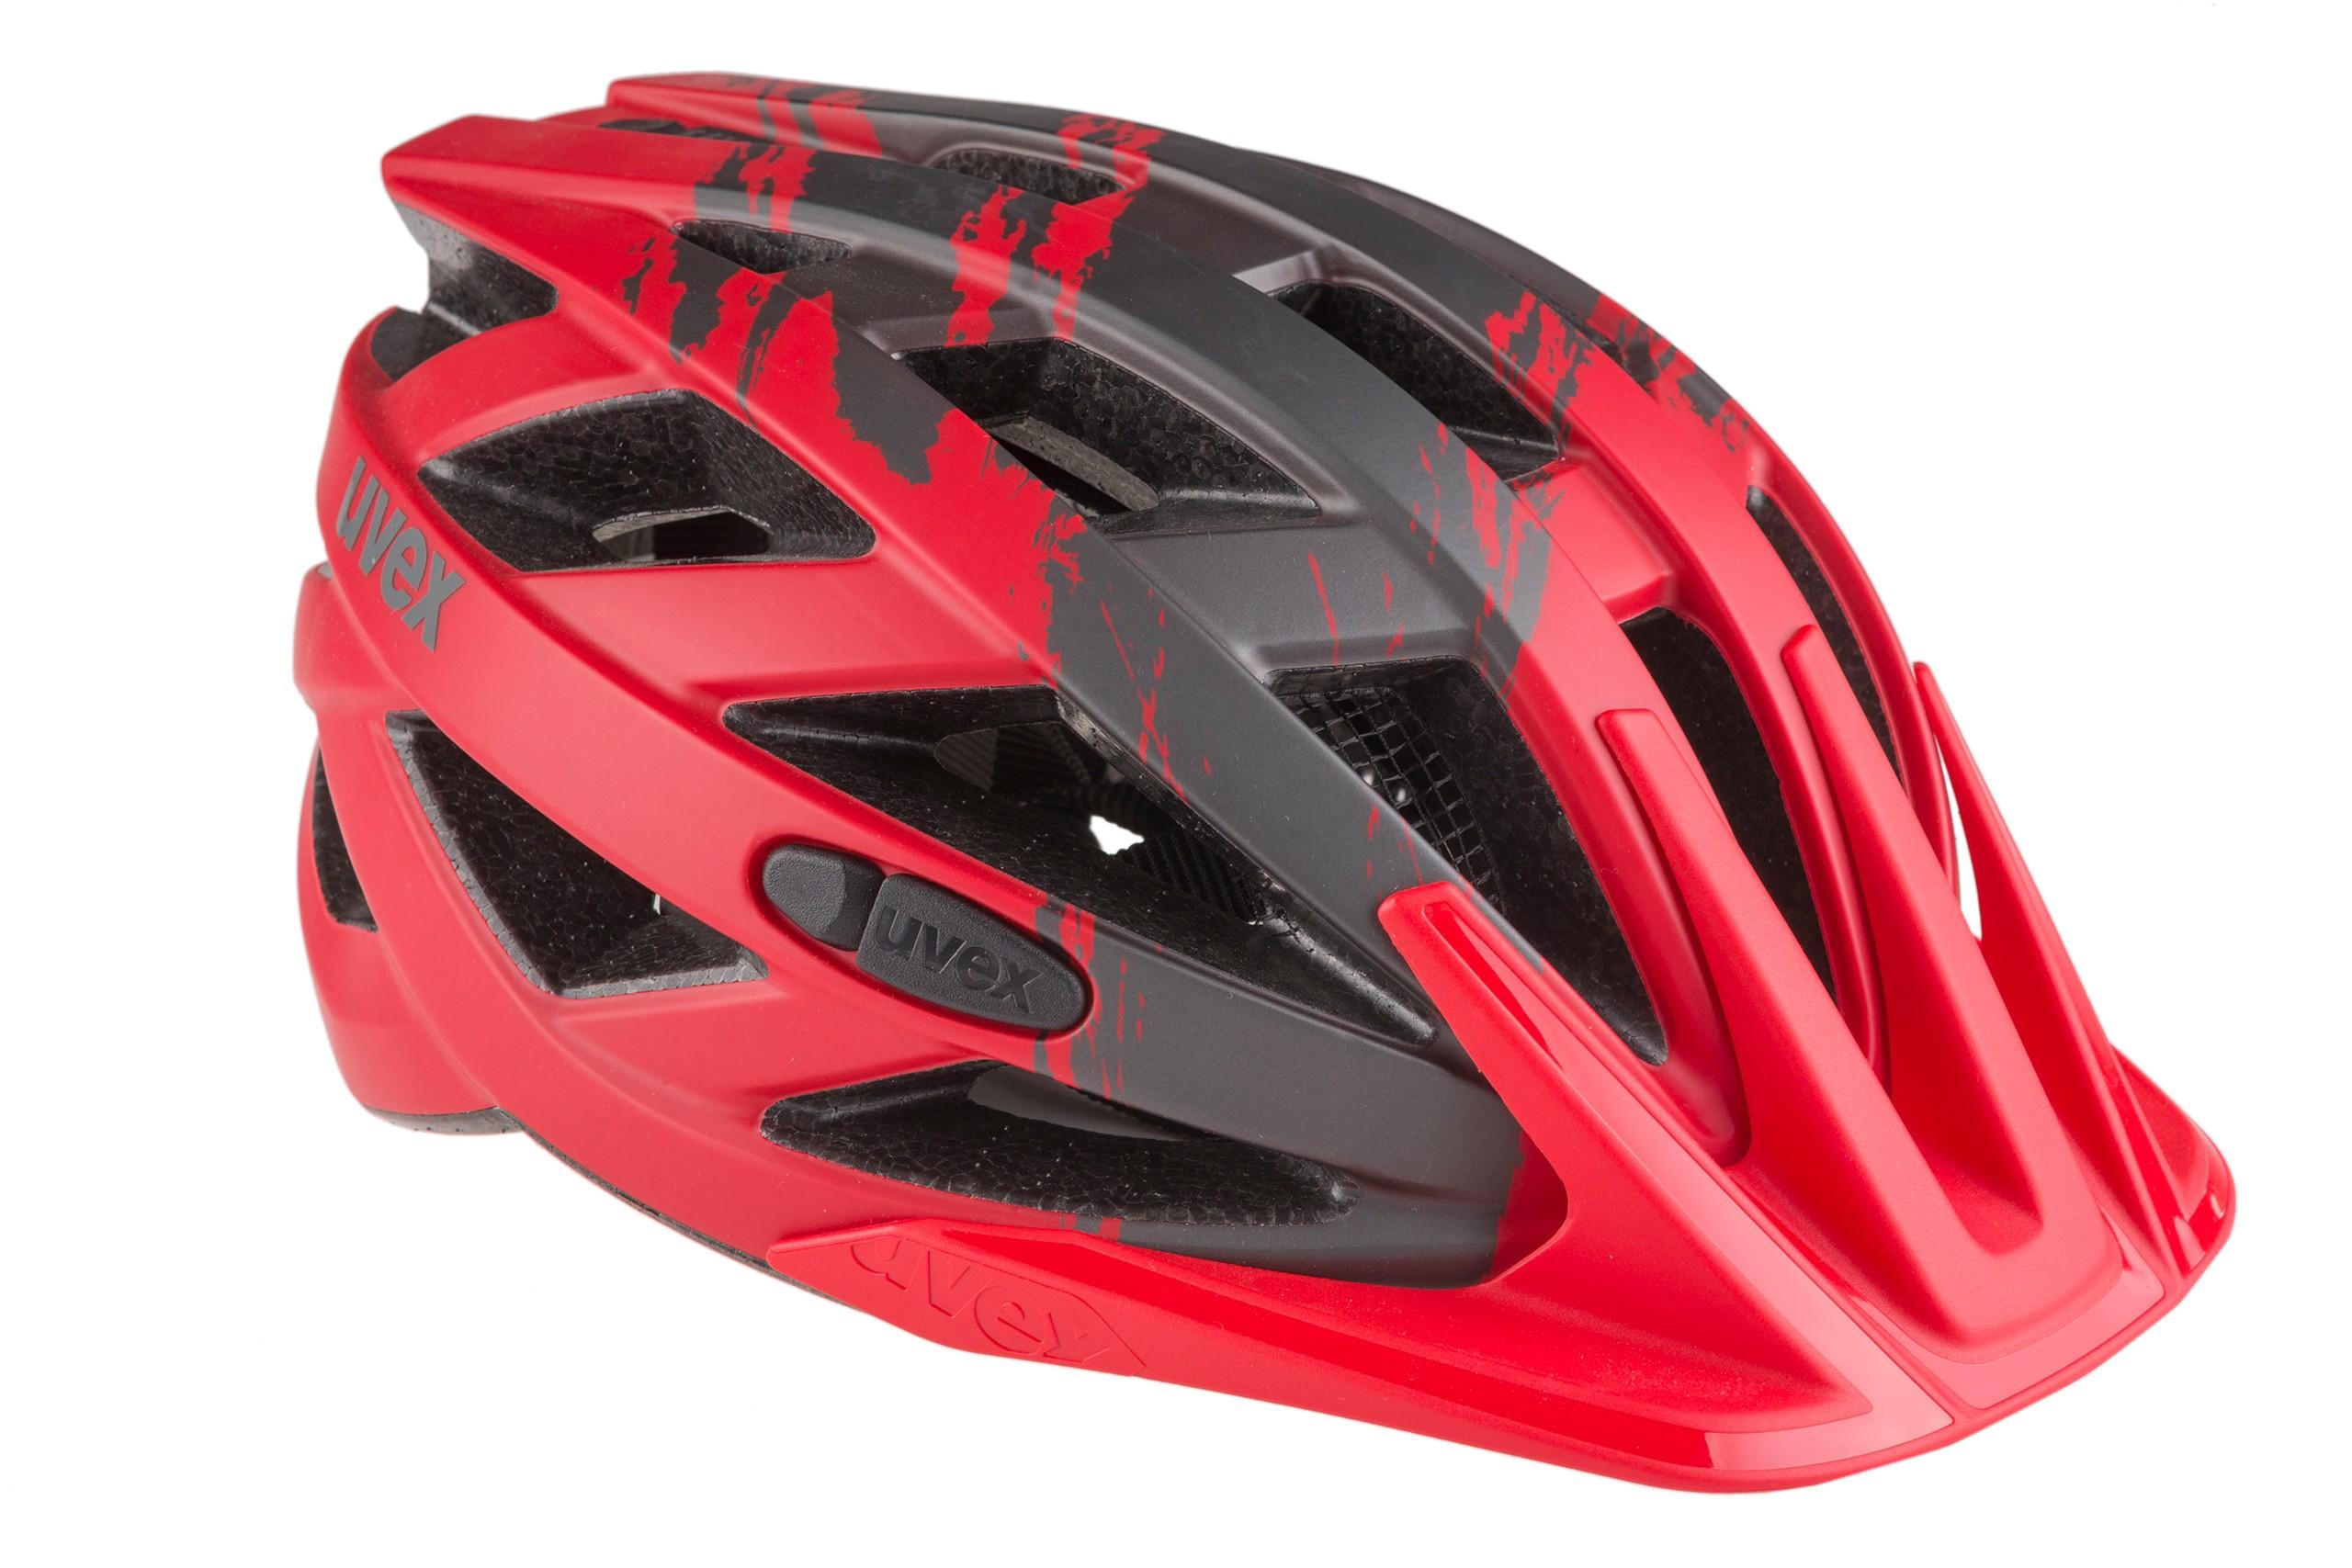 Kask rowerowy UVEX I-VO cc M 52-57cm czarno-czerwony mat